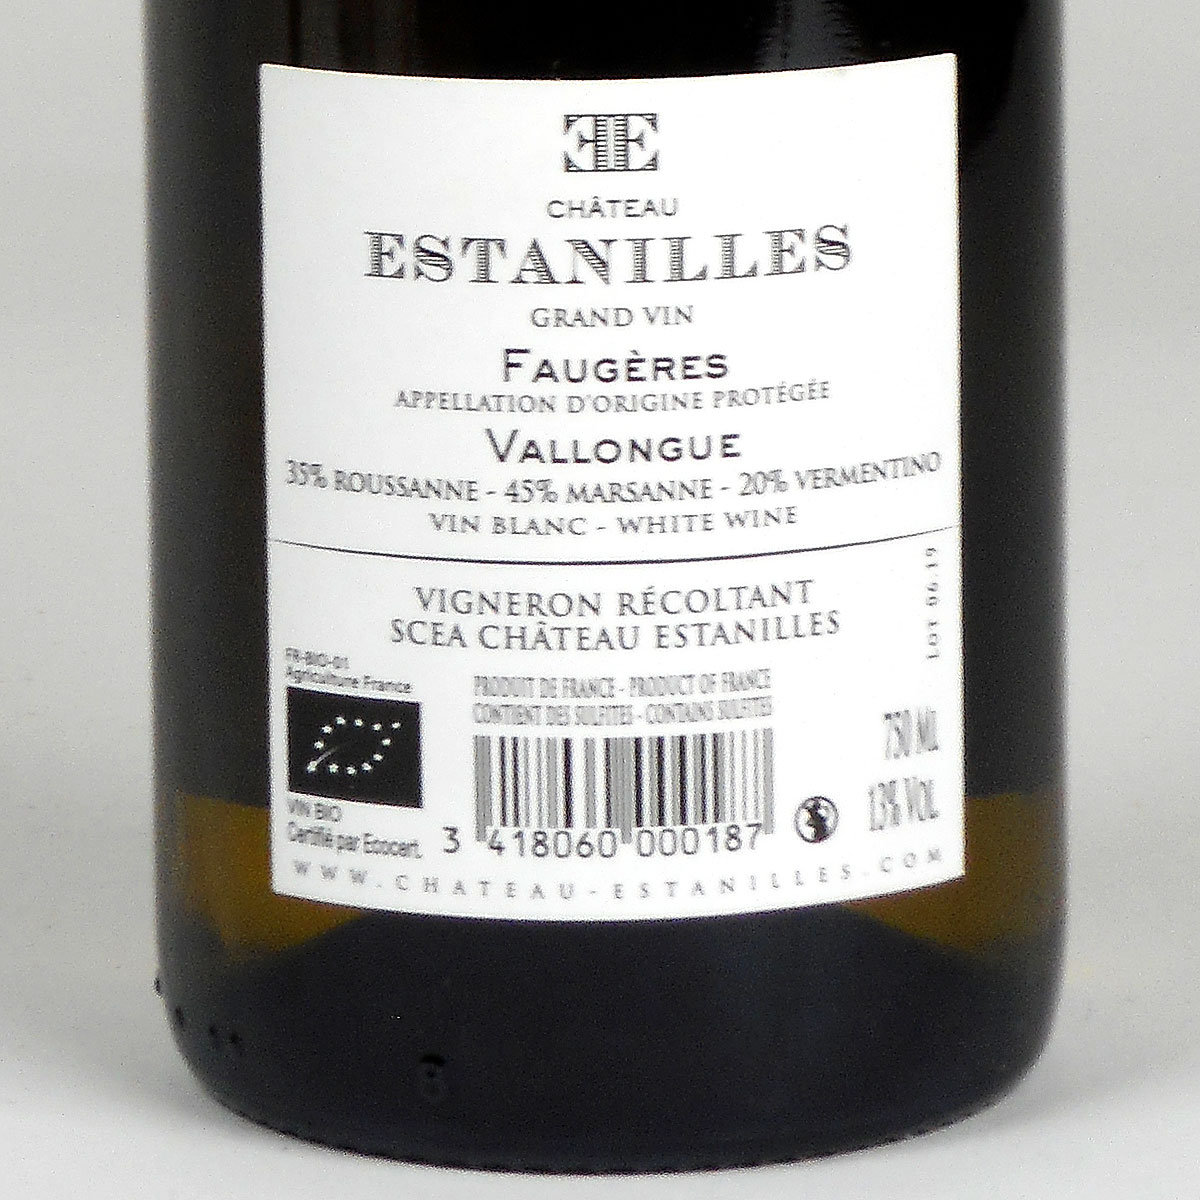 Faugères: Château Estanilles 'Vallongue' Blanc 2018 - Wine Bottle Rear Label